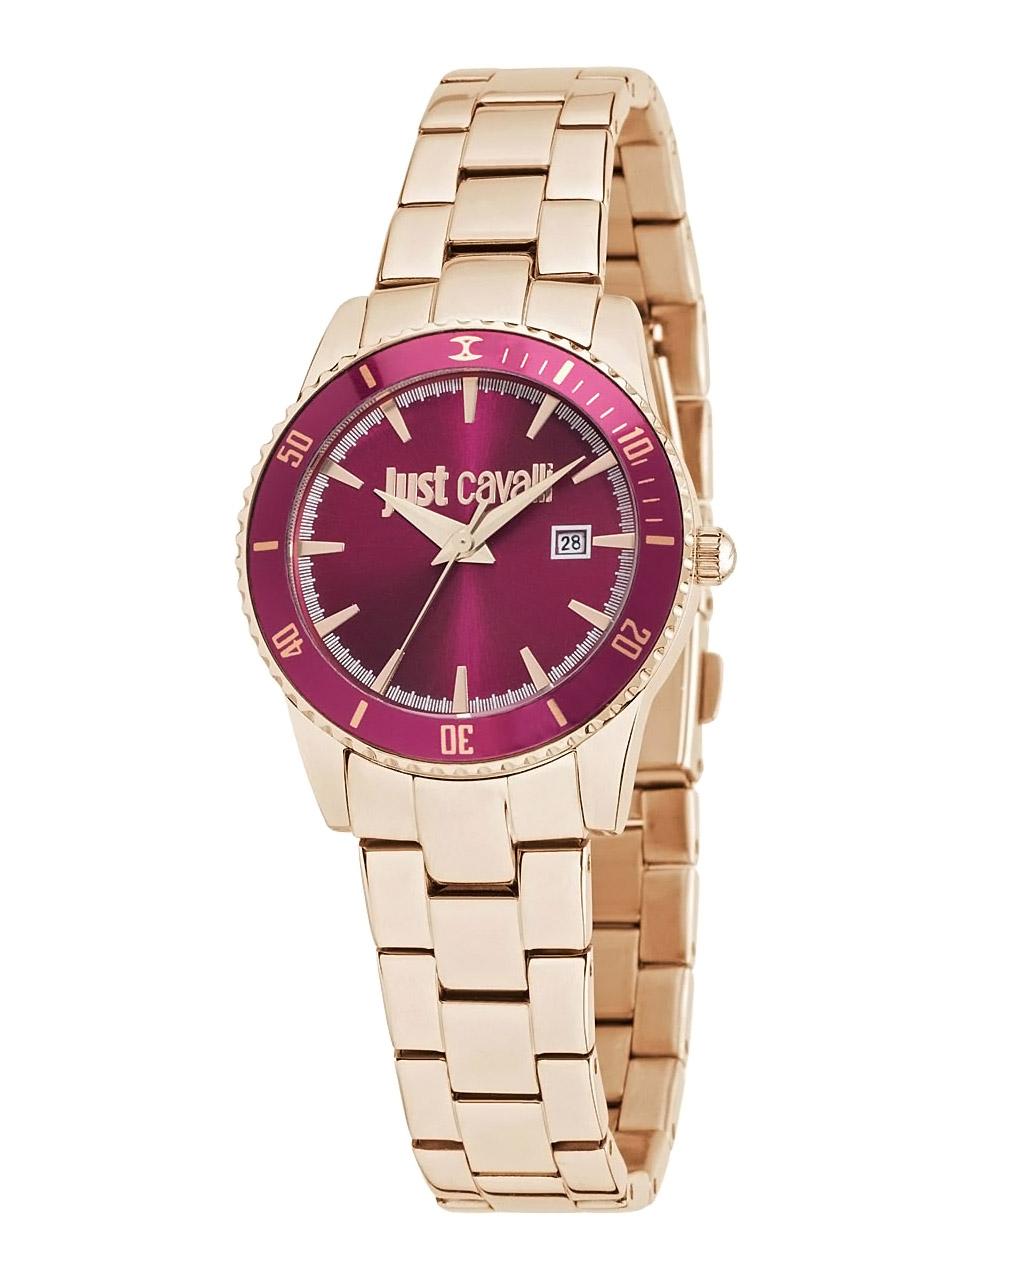 Ρολόι JUST CAVALLI R7253202503   brands just cavalli